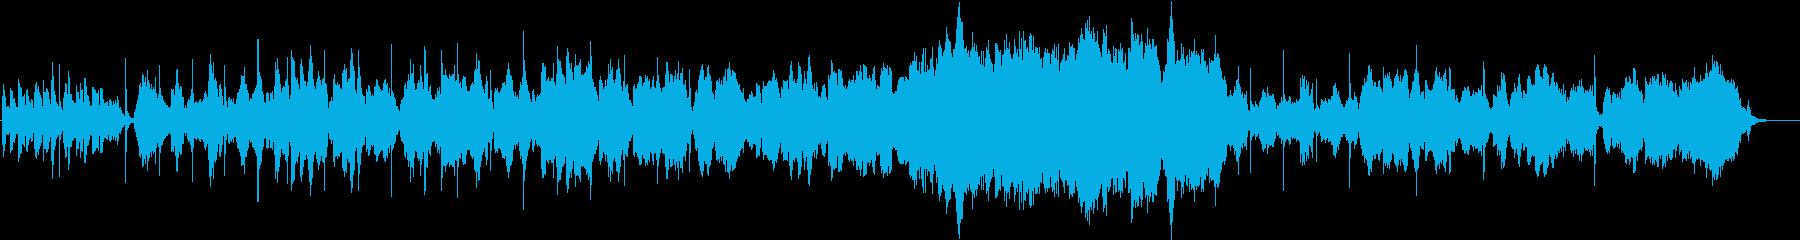 二胡が奏でる切ないメロディの再生済みの波形